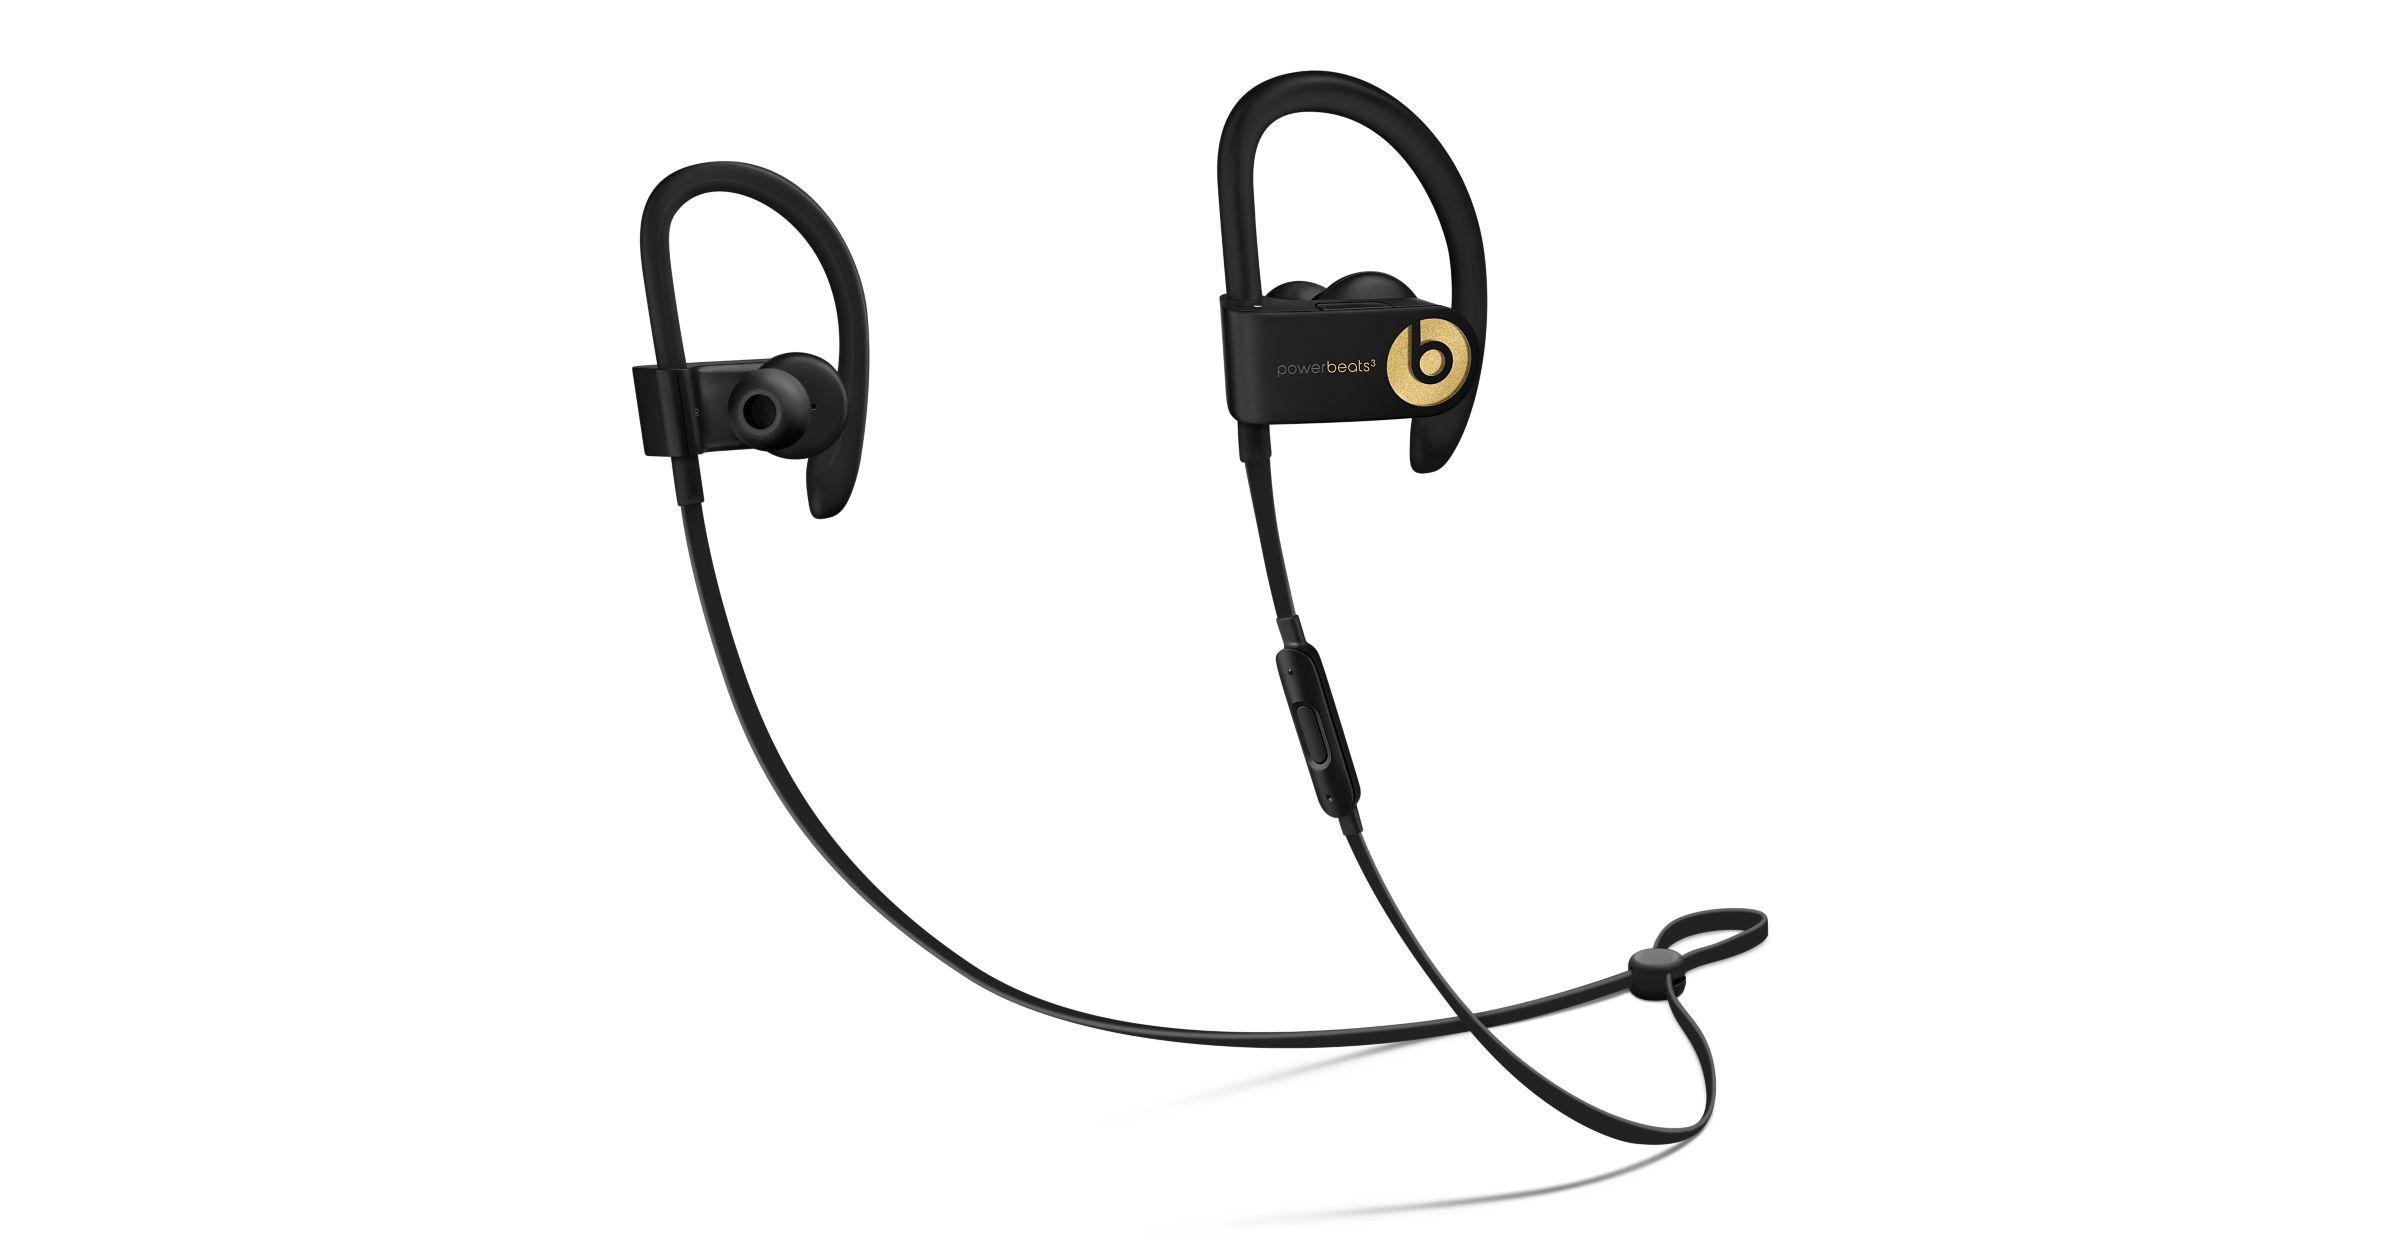 Beats Powerbeats3 Wireless In Ear Headphones